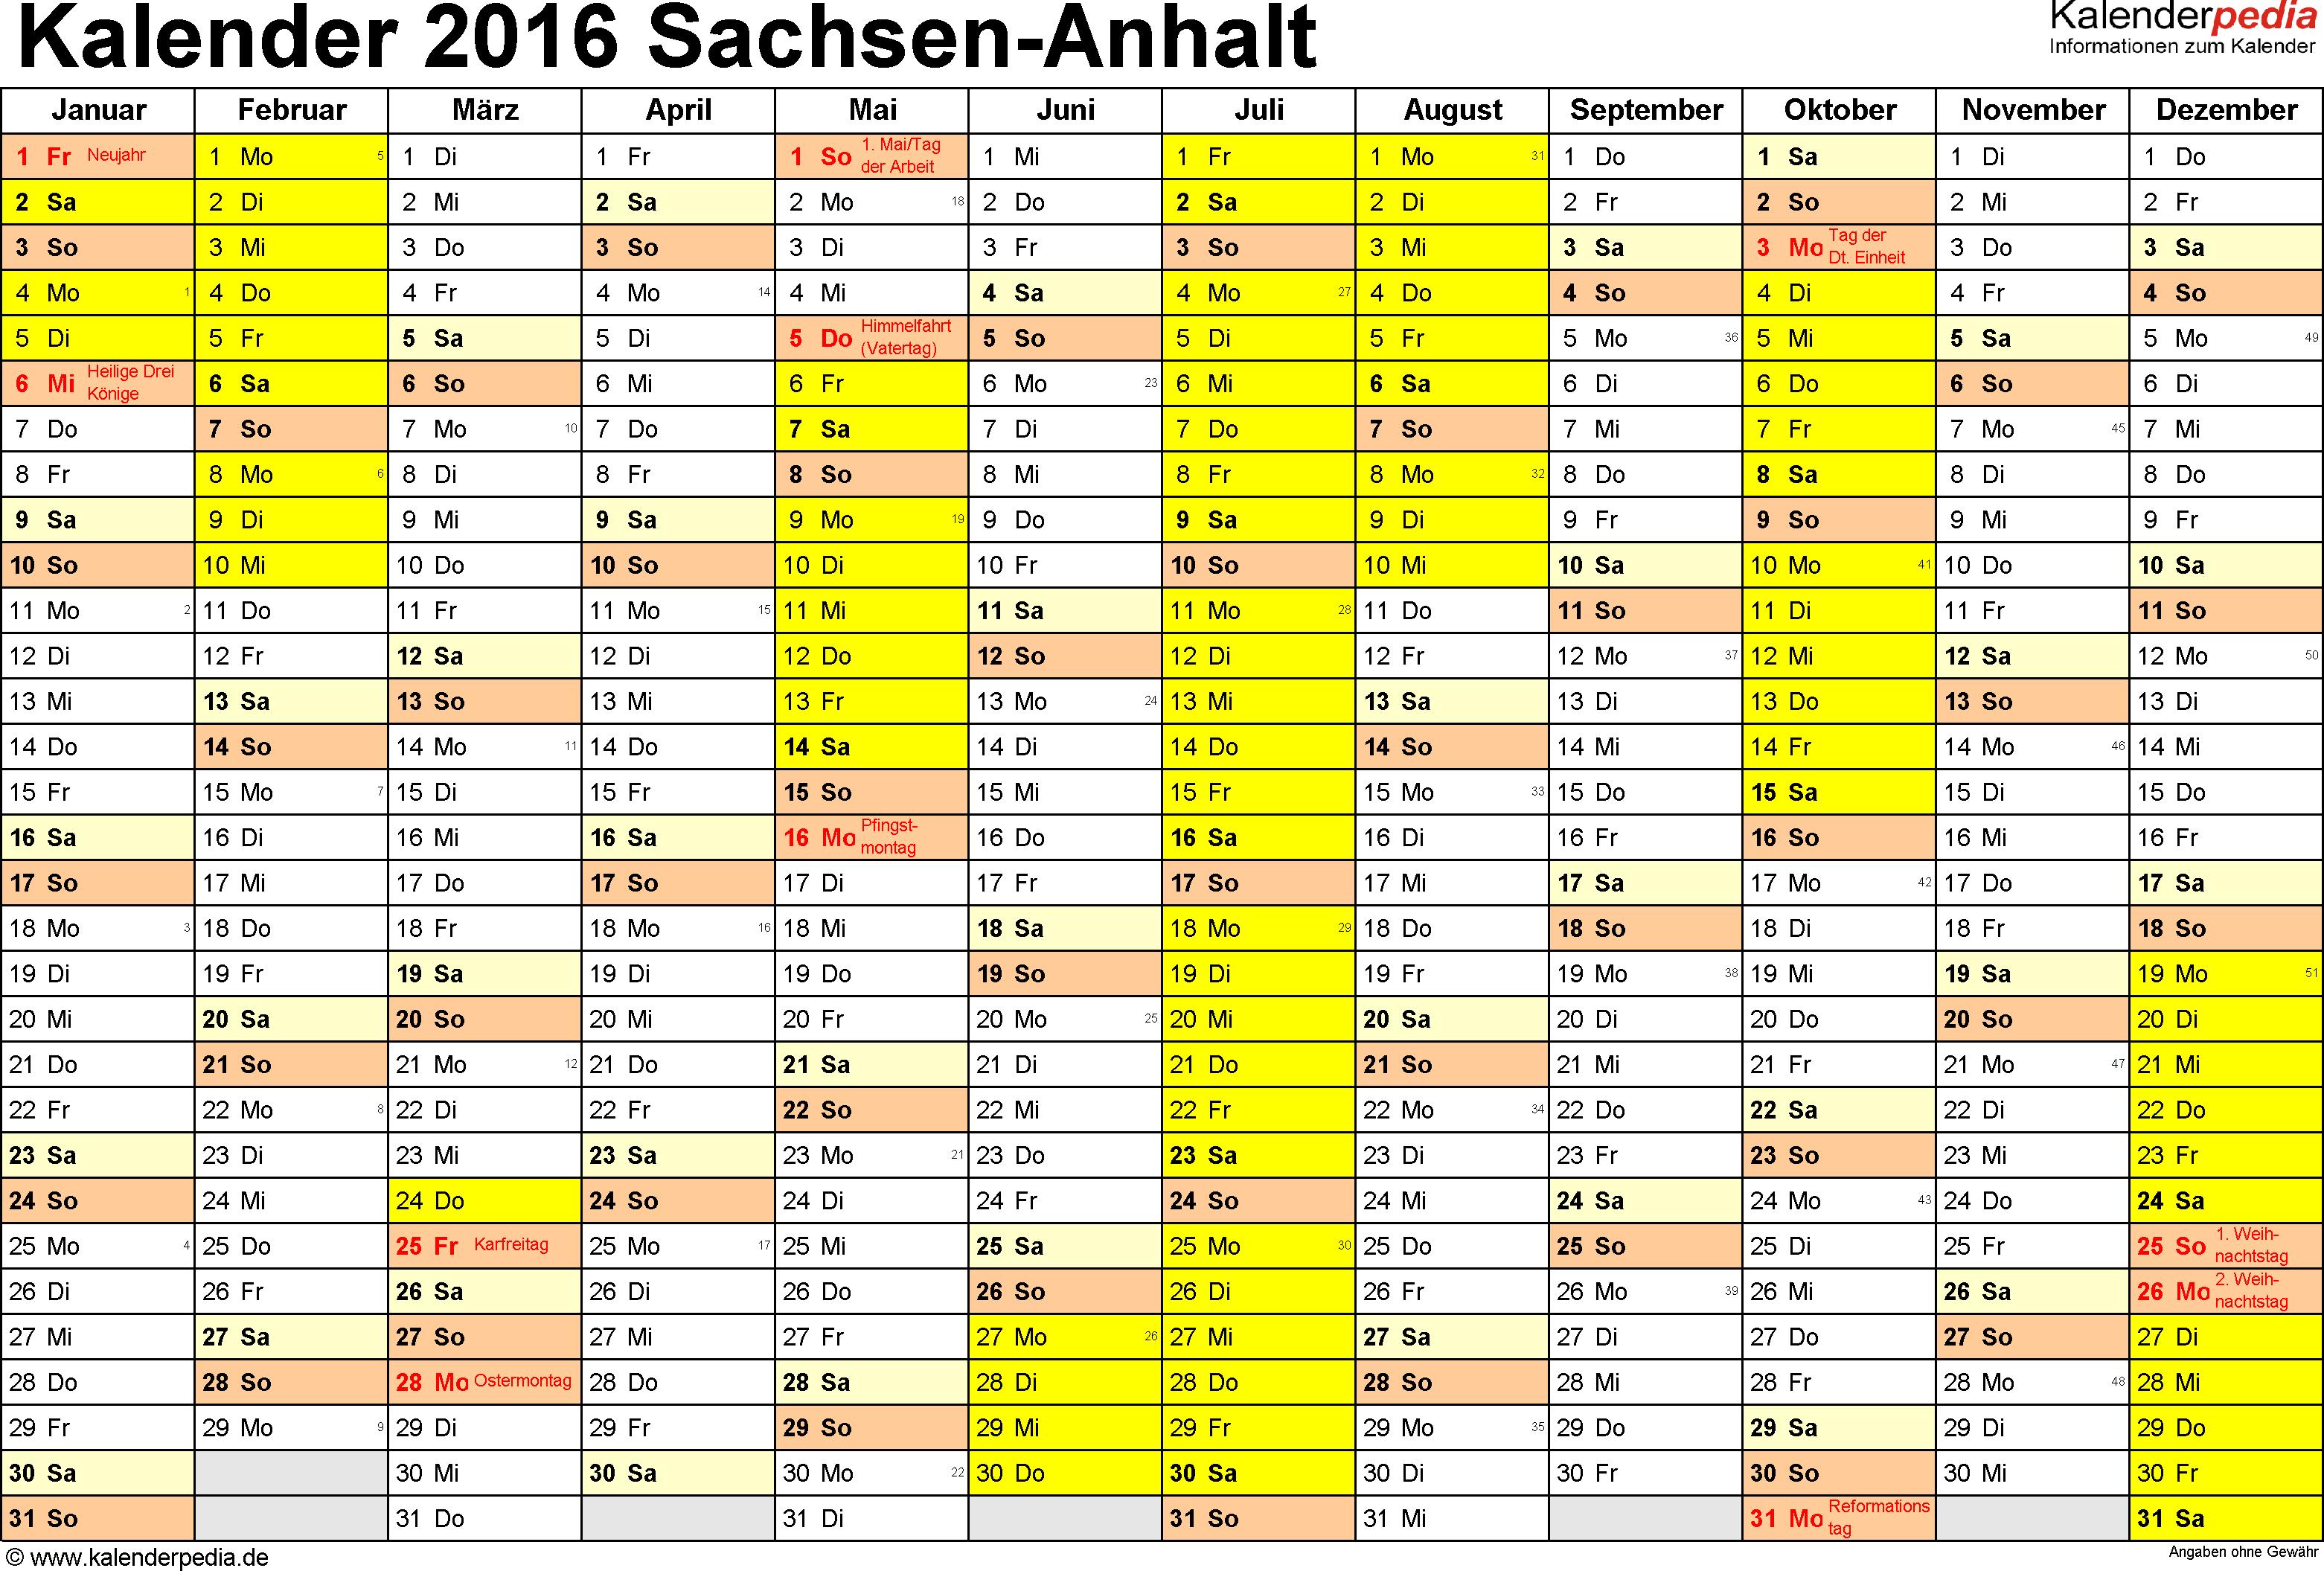 Vorlage 1: Kalender 2016 für Sachsen-Anhalt als Excel-Vorlage (Querformat, 1 Seite)